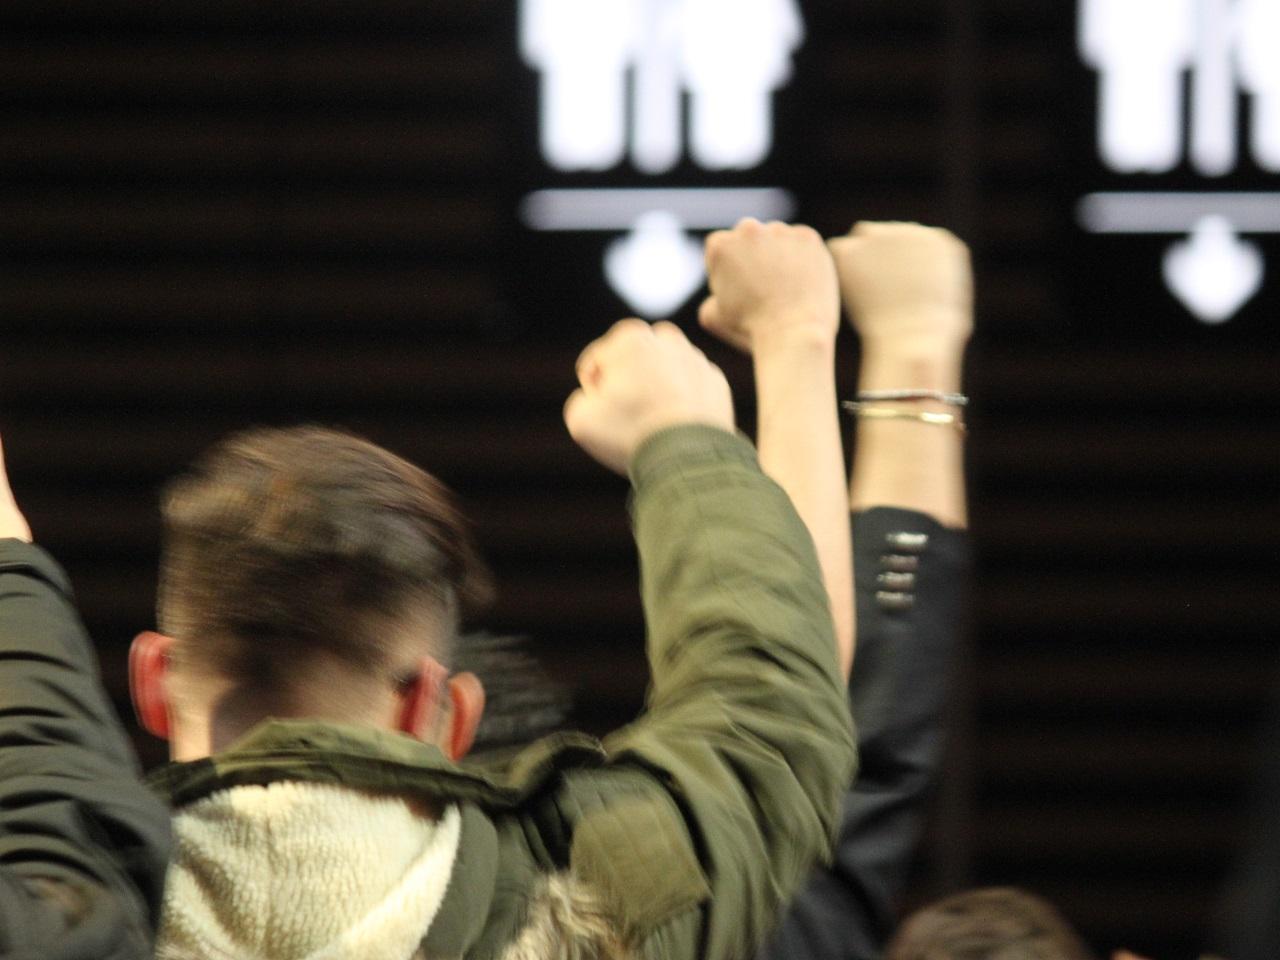 Les poings levés dans la foule - LyonMag